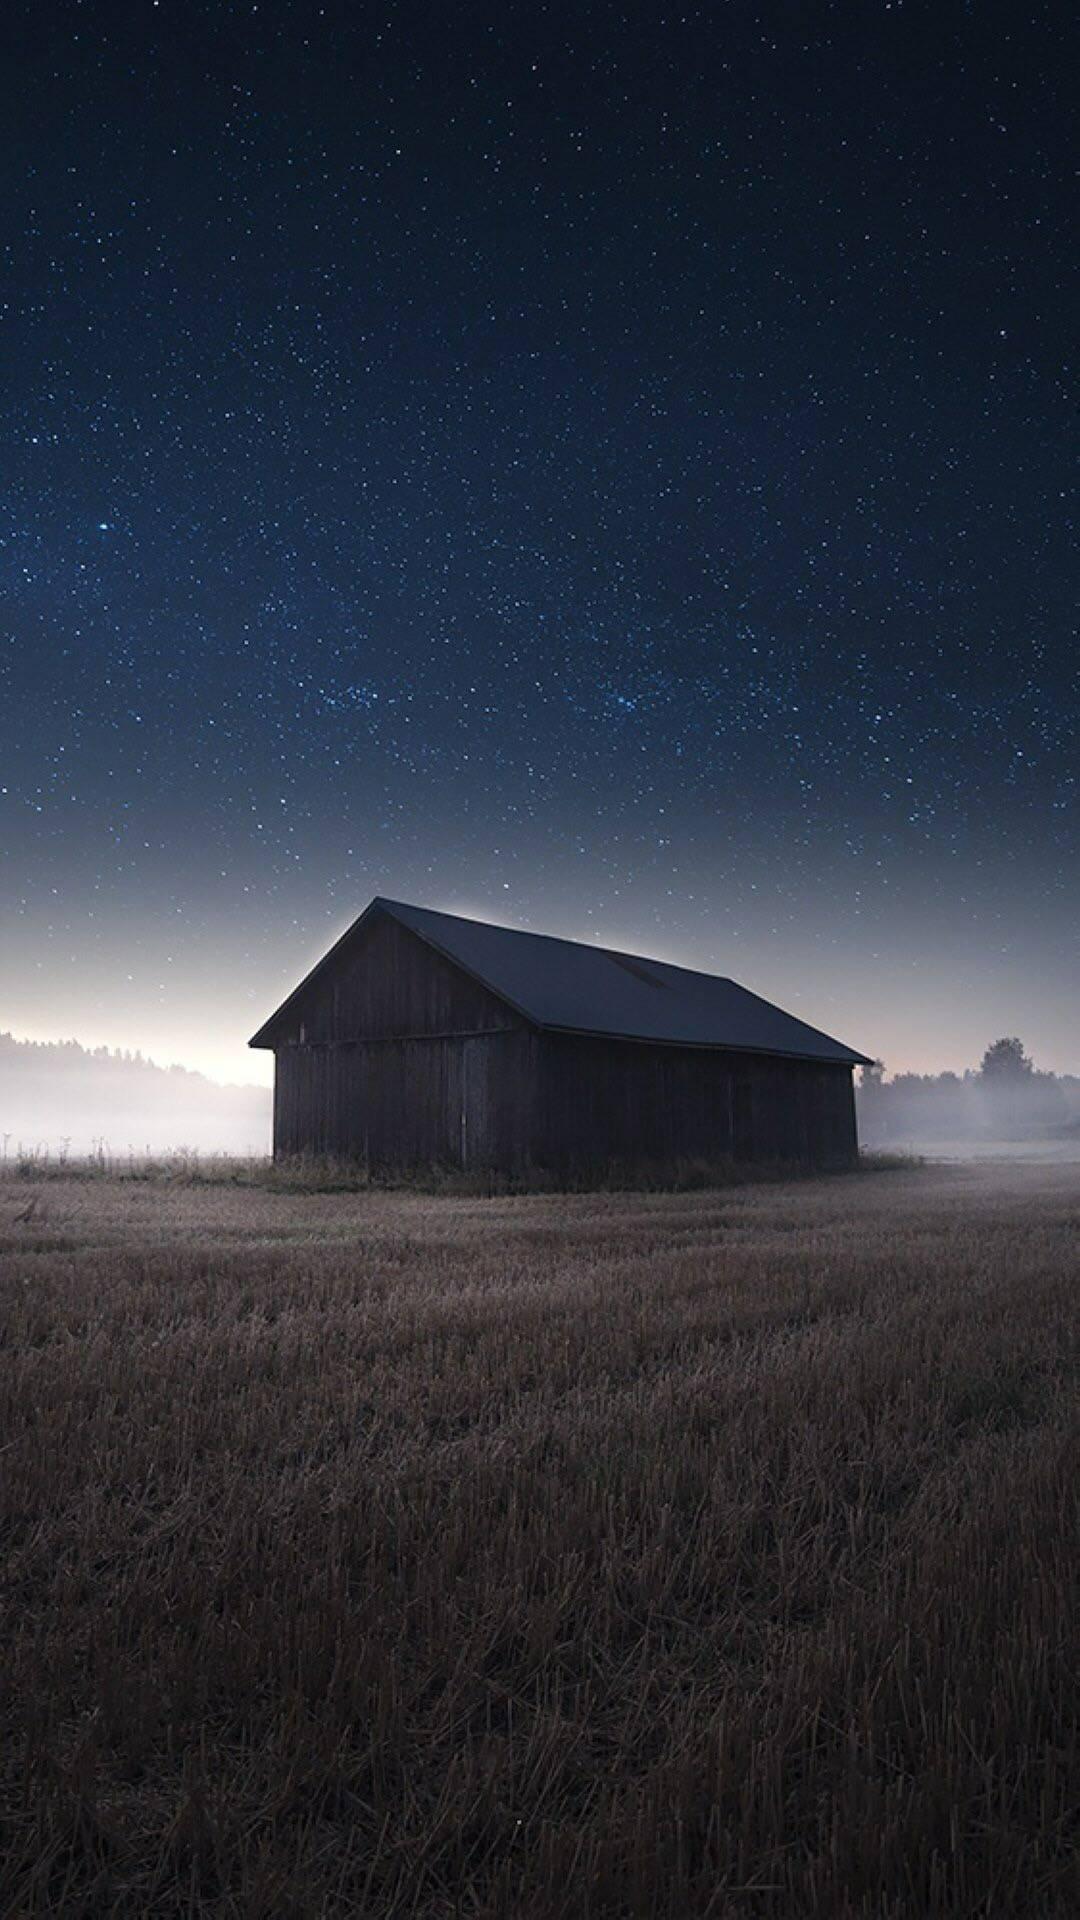 星空风景高清 手机壁纸